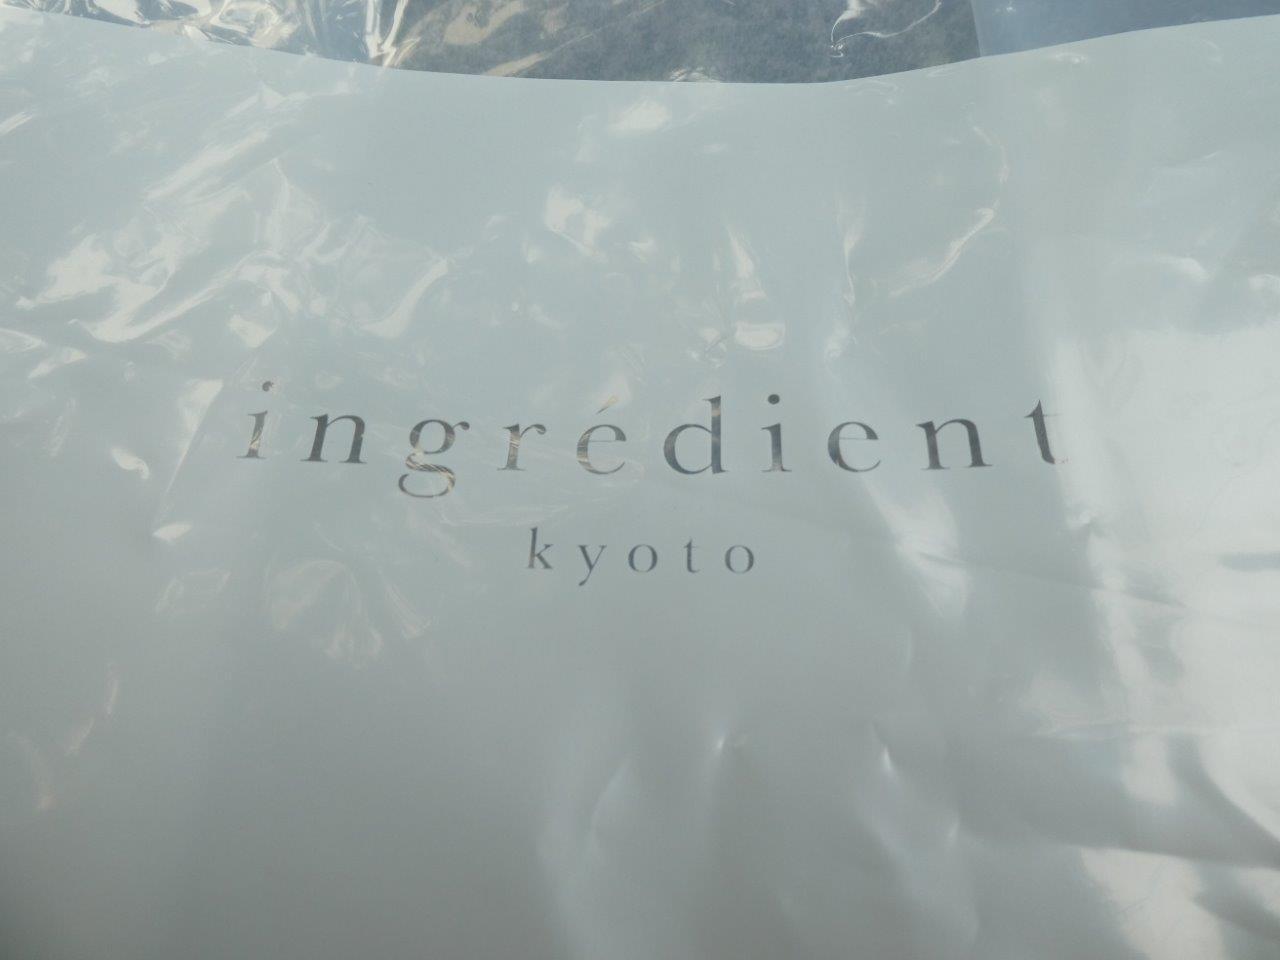 アングレディアン 京都 (ingrédient kyoto)初訪問 もうブレイクしている_d0106134_12423341.jpg